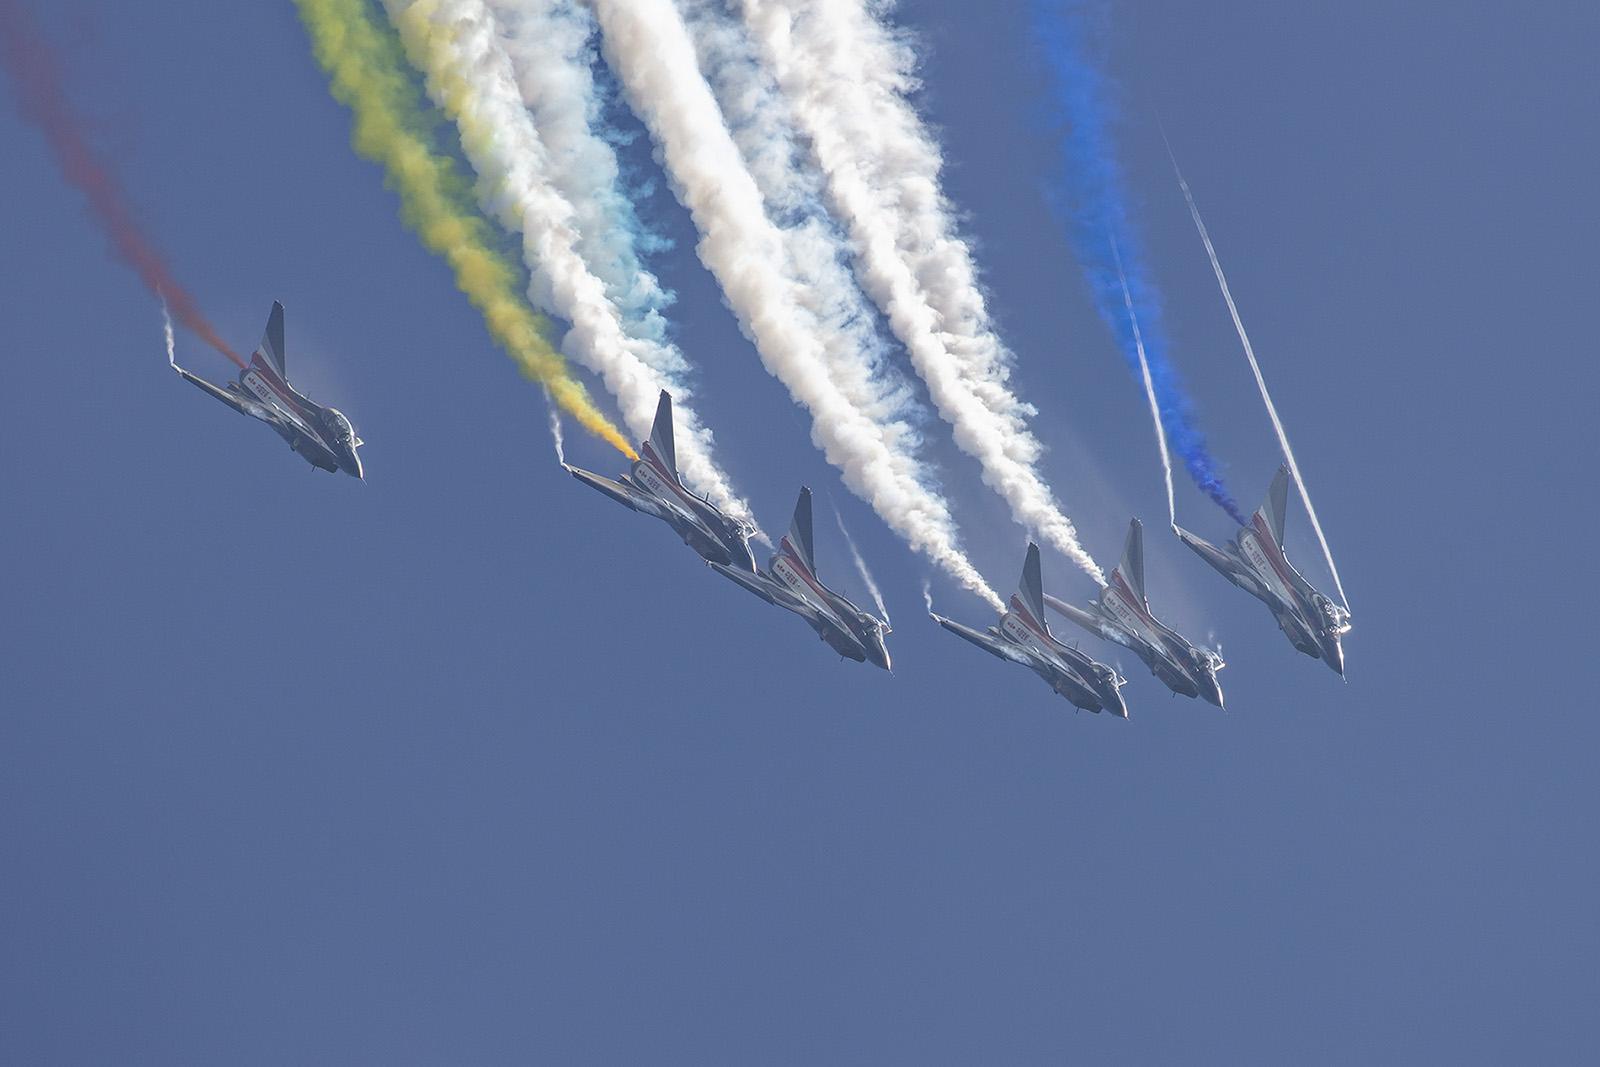 Bisher einziger Exportkunde ist Pakistan, wobei auch die Luftwaffe Tansanias Interesse gezeigt hat.